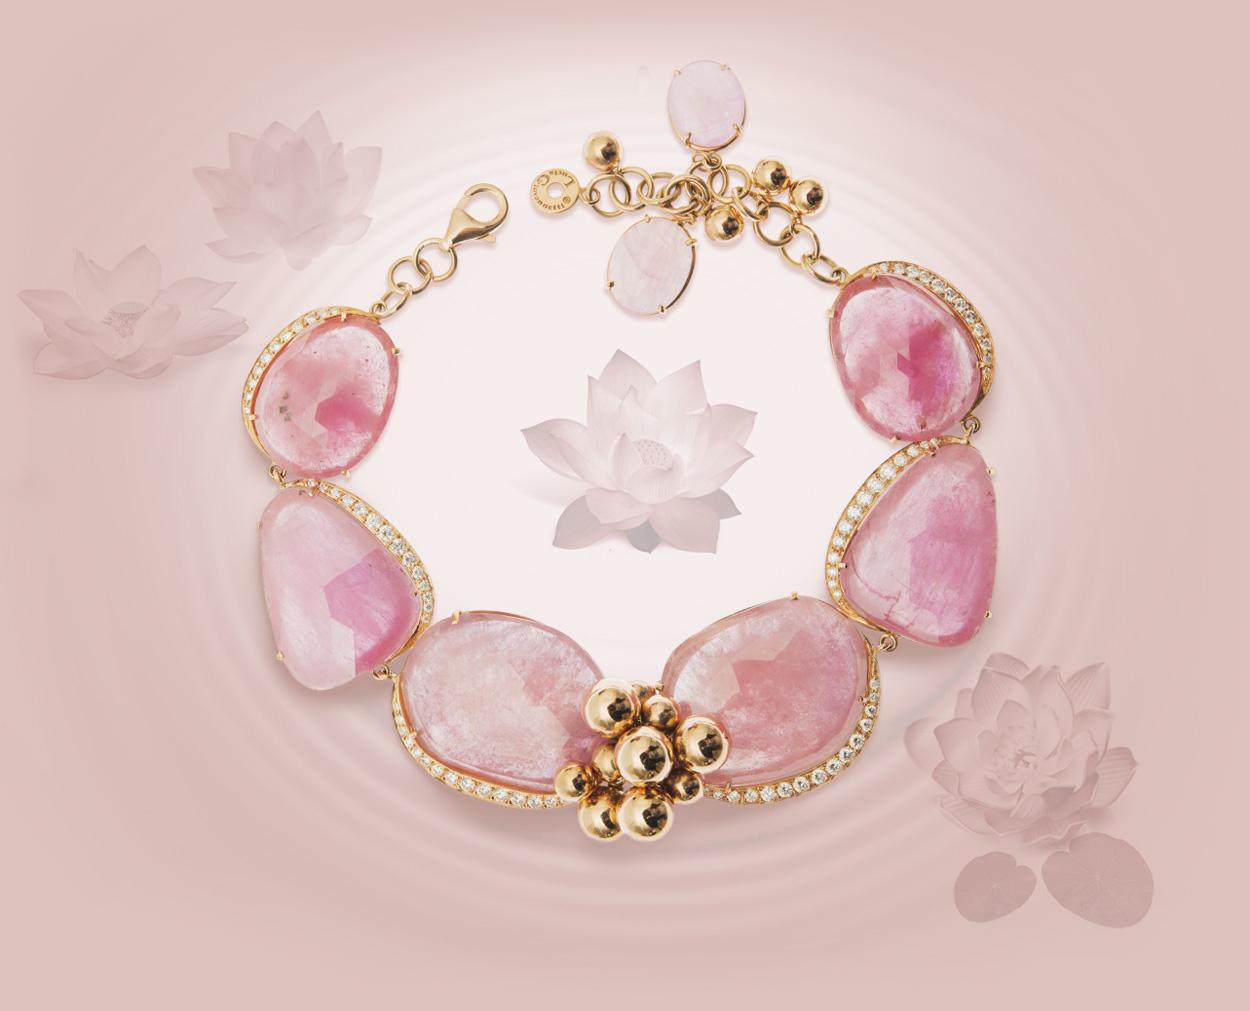 Bracciale zaffiri taglio rosetta, oro rosa 18 kt, diamanti